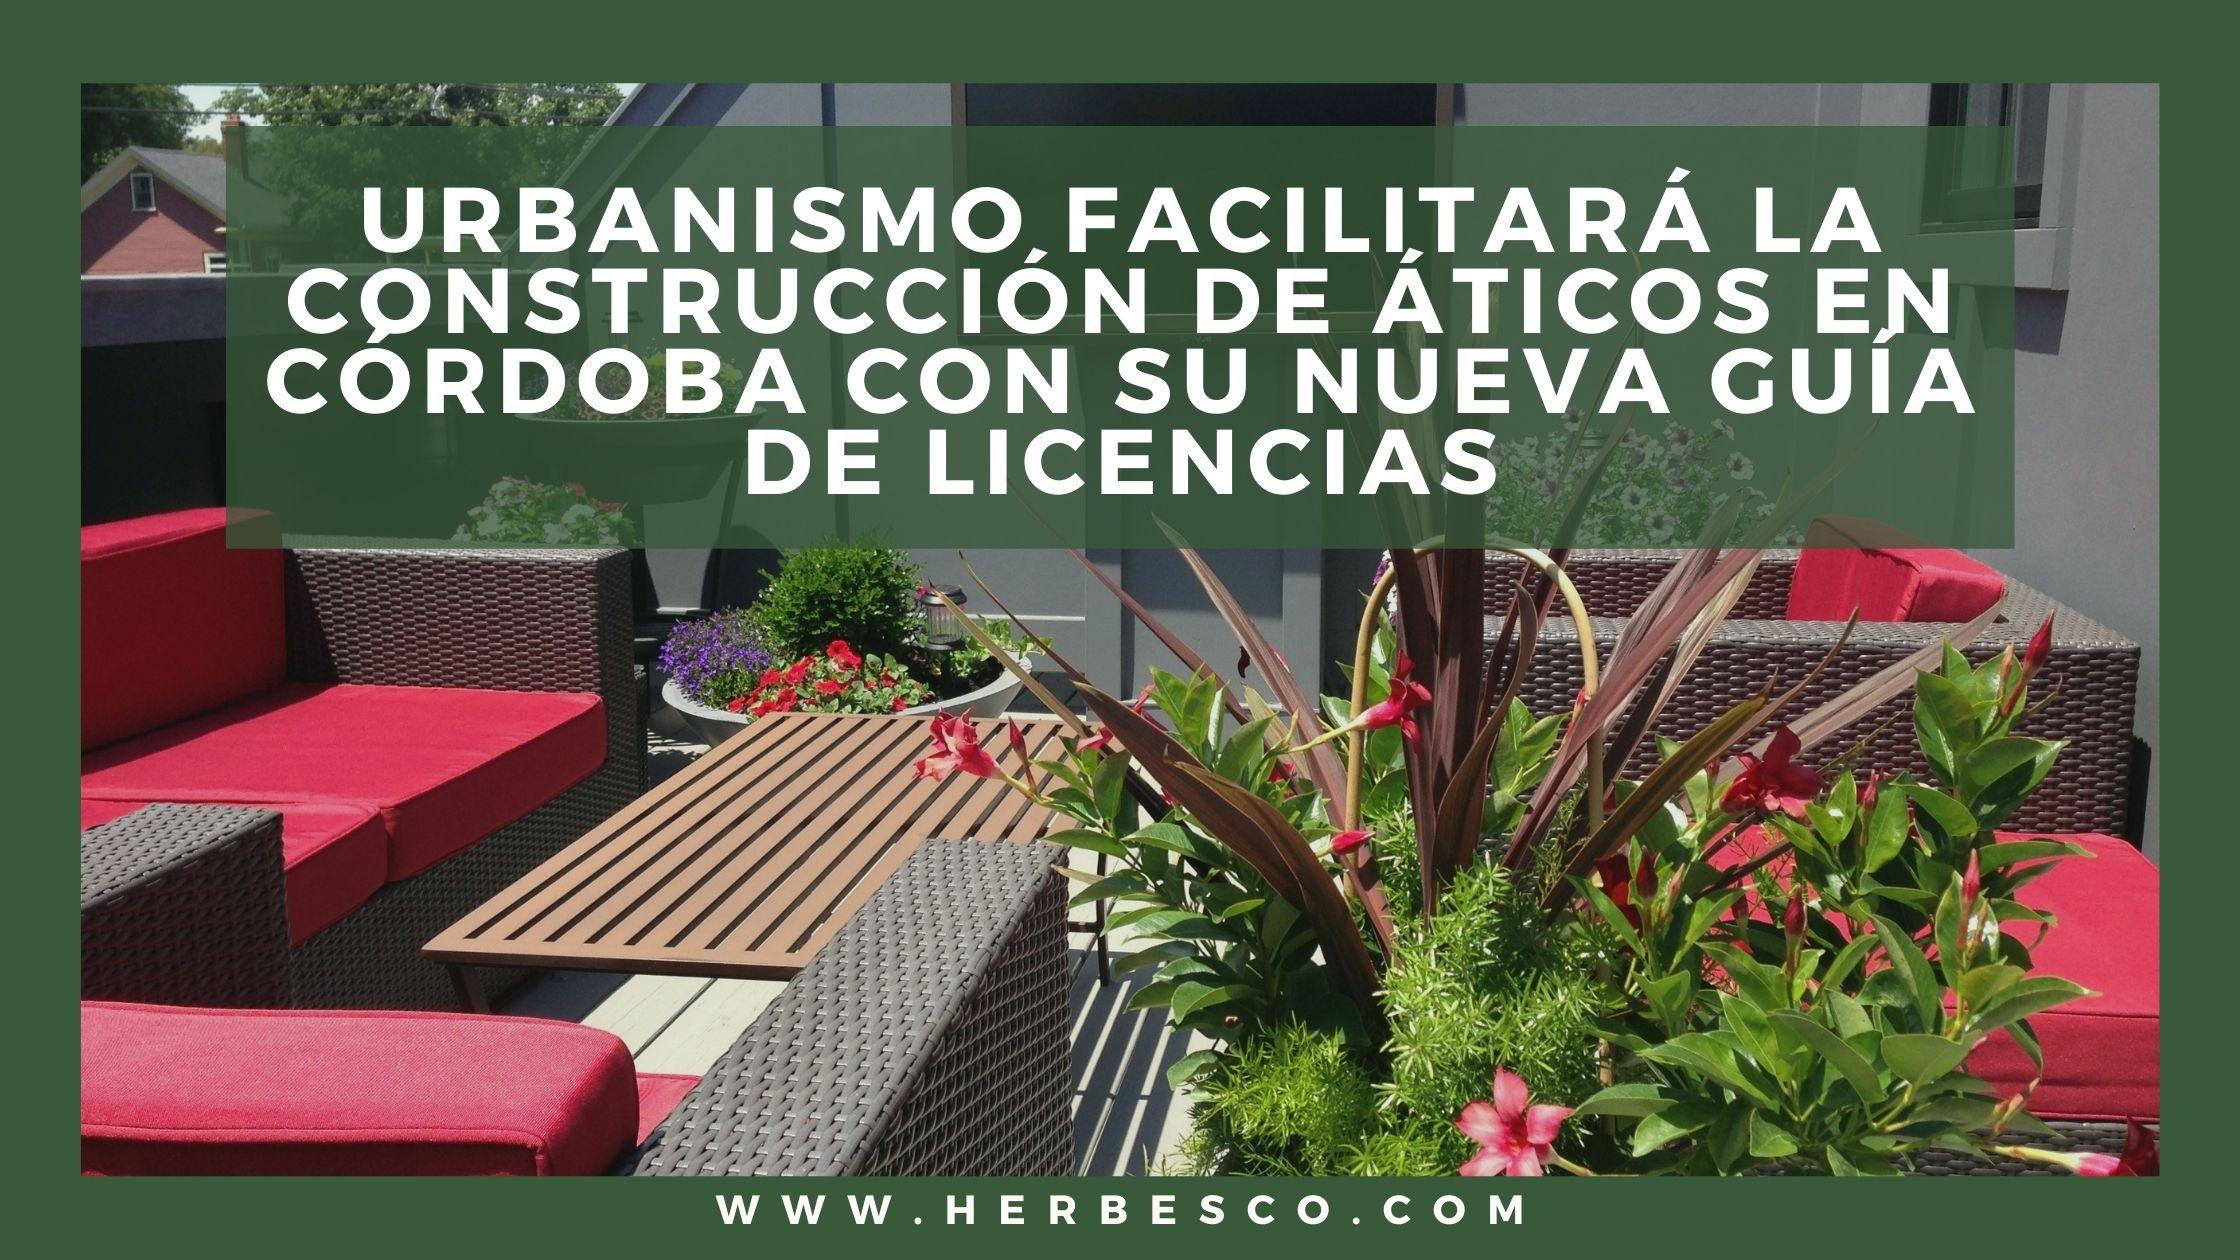 urbanismo-facilitara-la-construccion-de-aticos-en-cordoba-con-su-nueva-guia-de-licencias-1